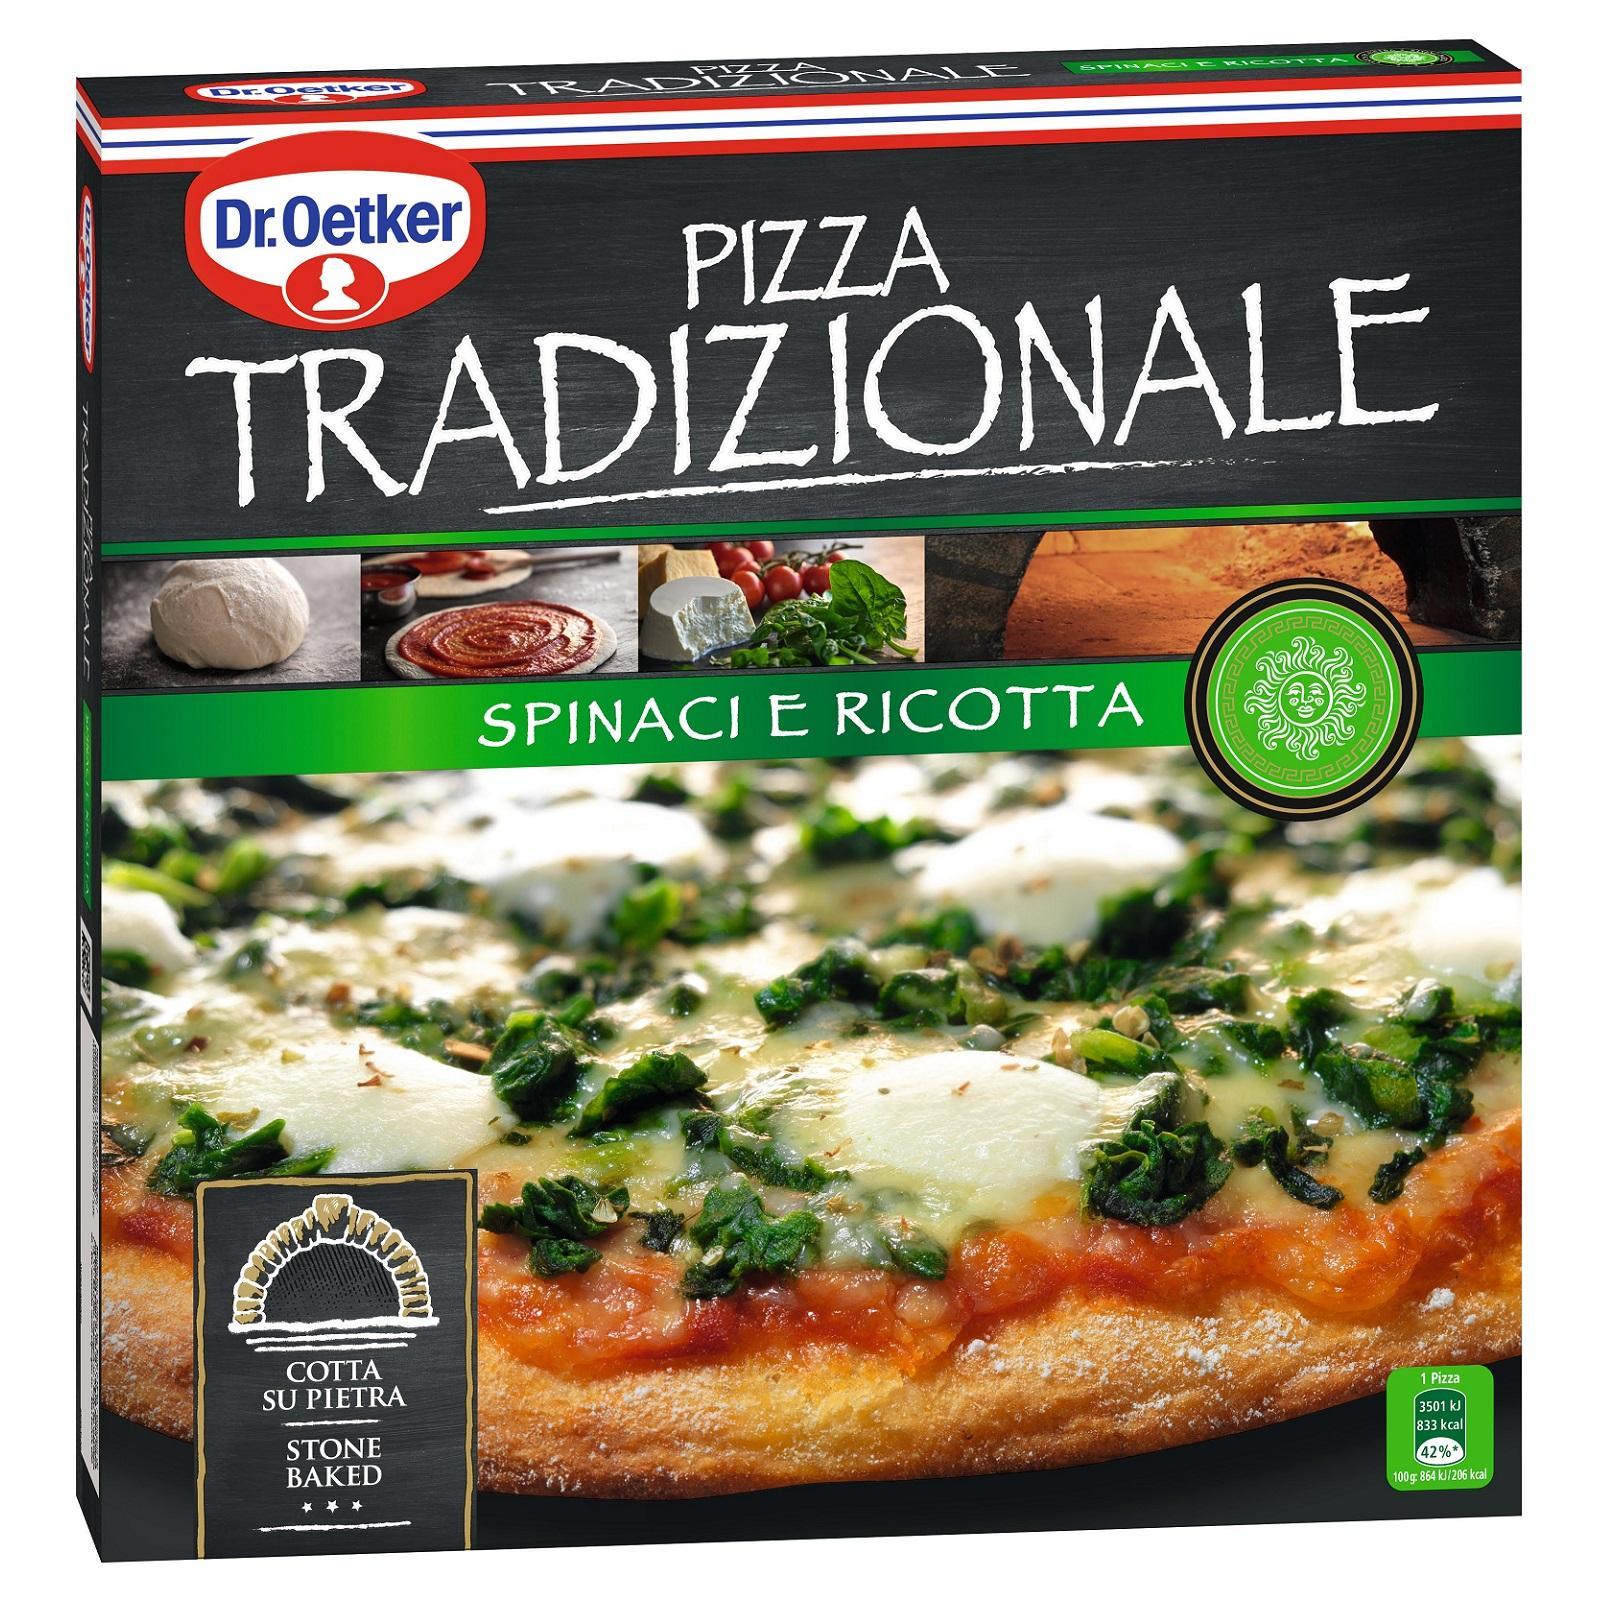 Dr Oetker Tradizionale Spinaci Ricotta Pizza - Frozen